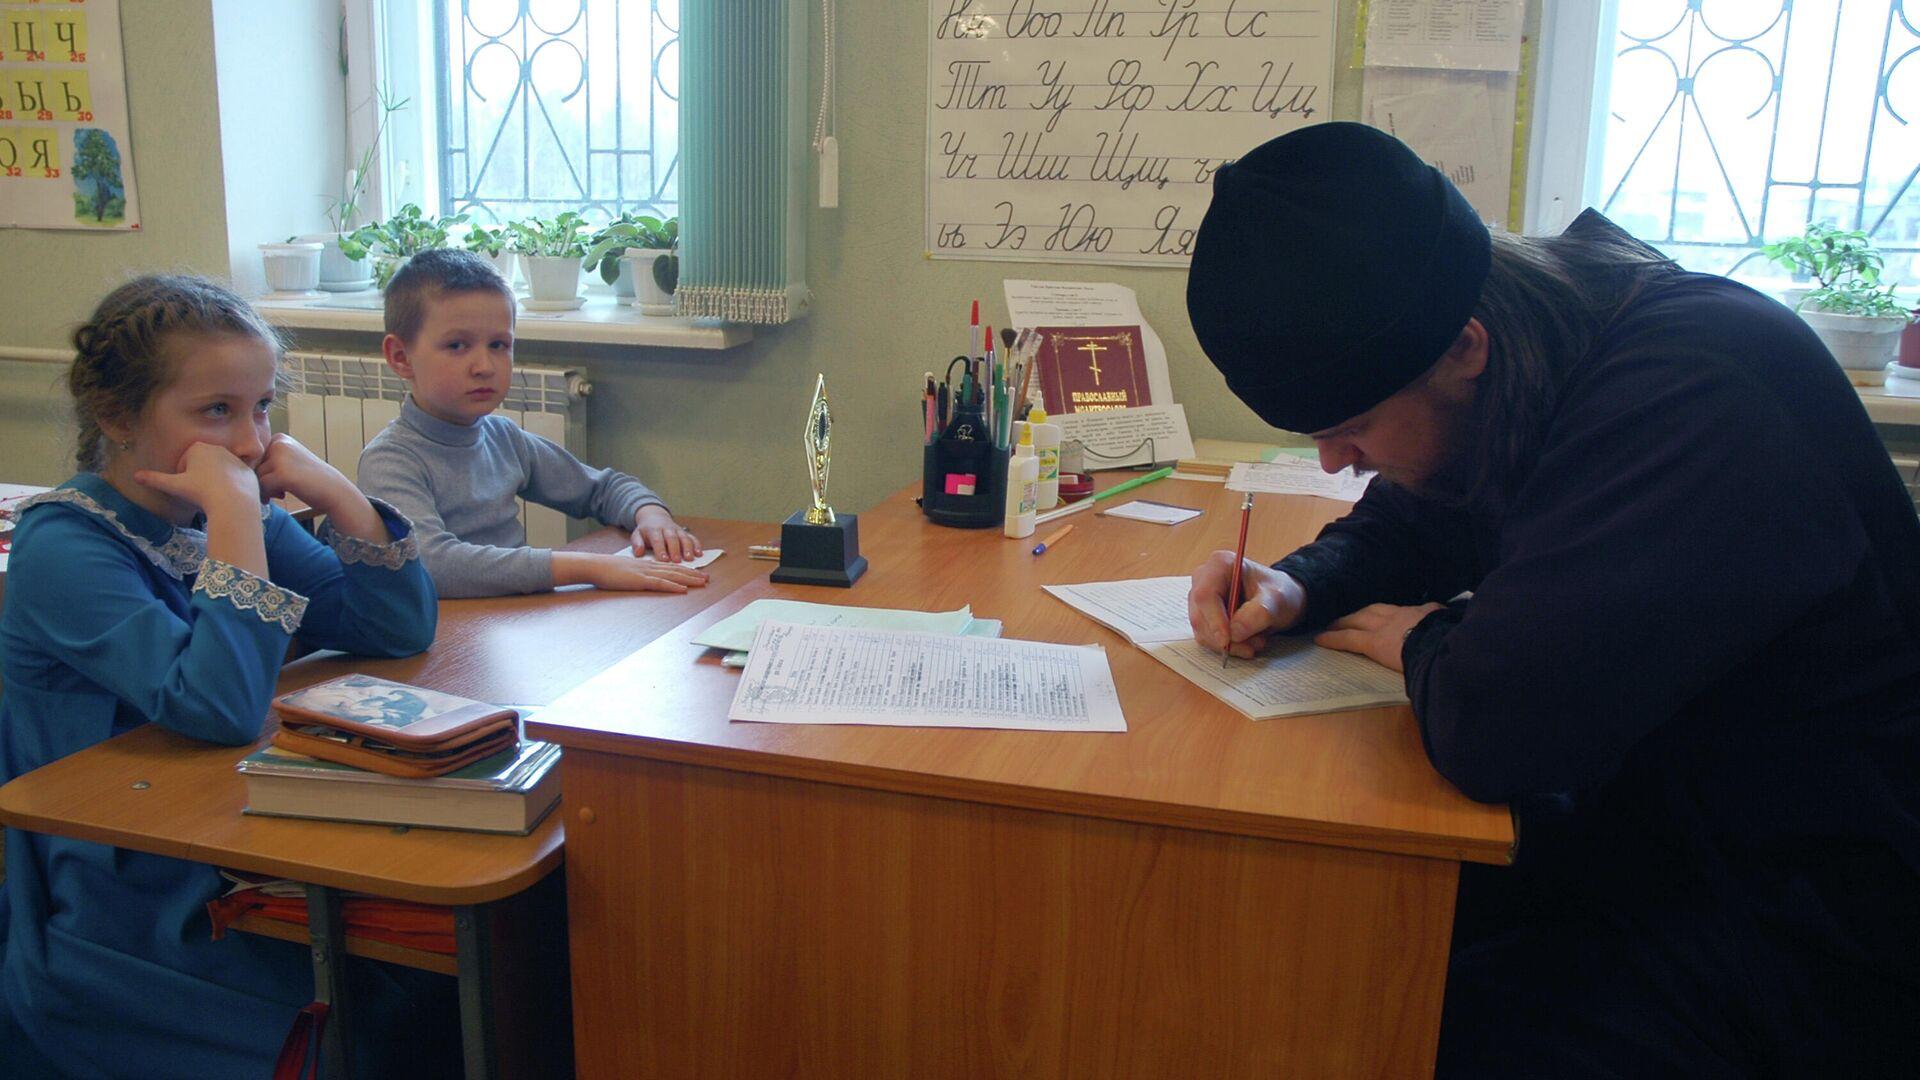 Урок православия в средней школе - Sputnik Беларусь, 1920, 06.10.2021